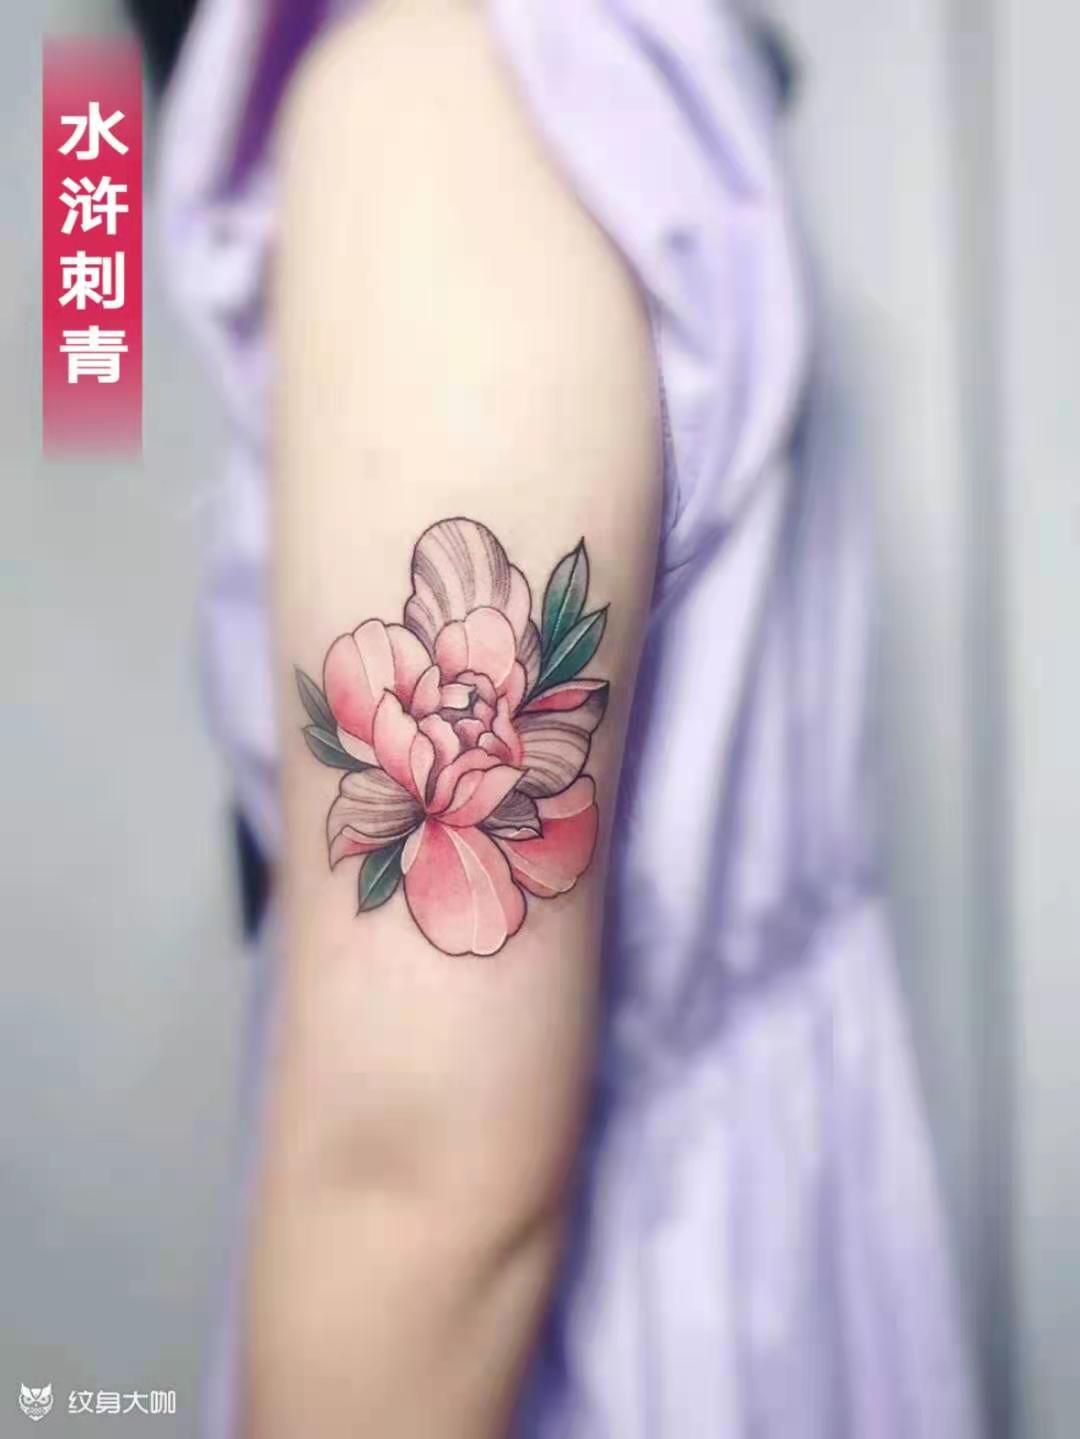 吴江纹身刺青联系方式